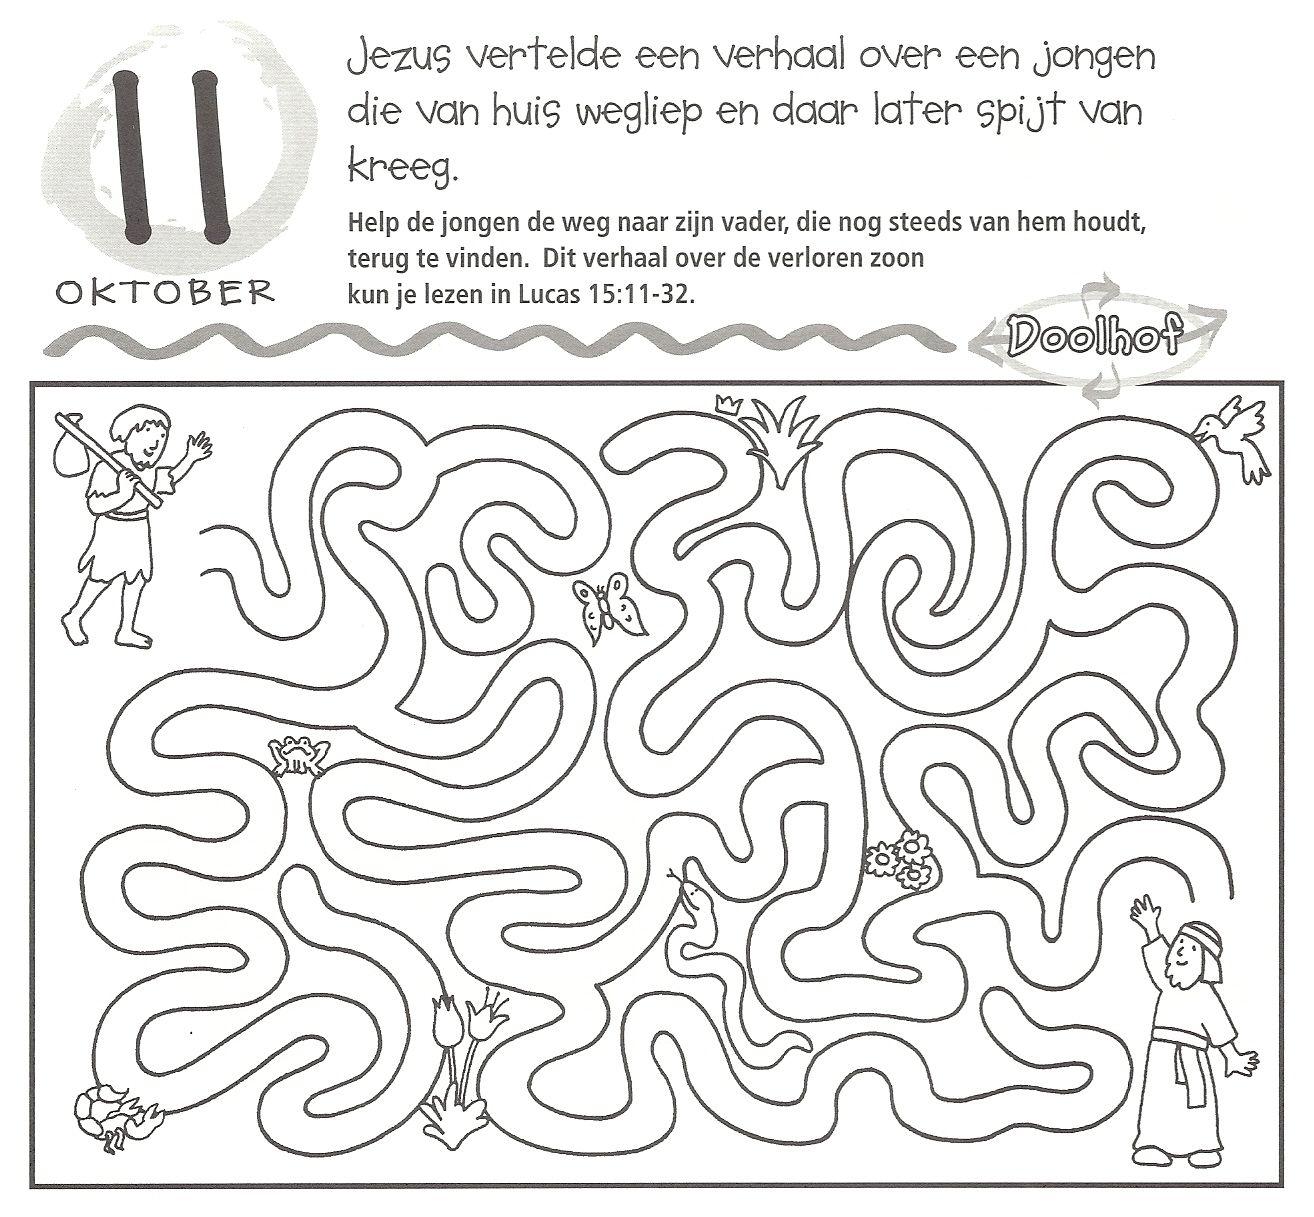 Doolhof Verloren Zoon Maze Prodigal Son Verloren Zoon Doolhof Kleurplaten Voor Kinderen